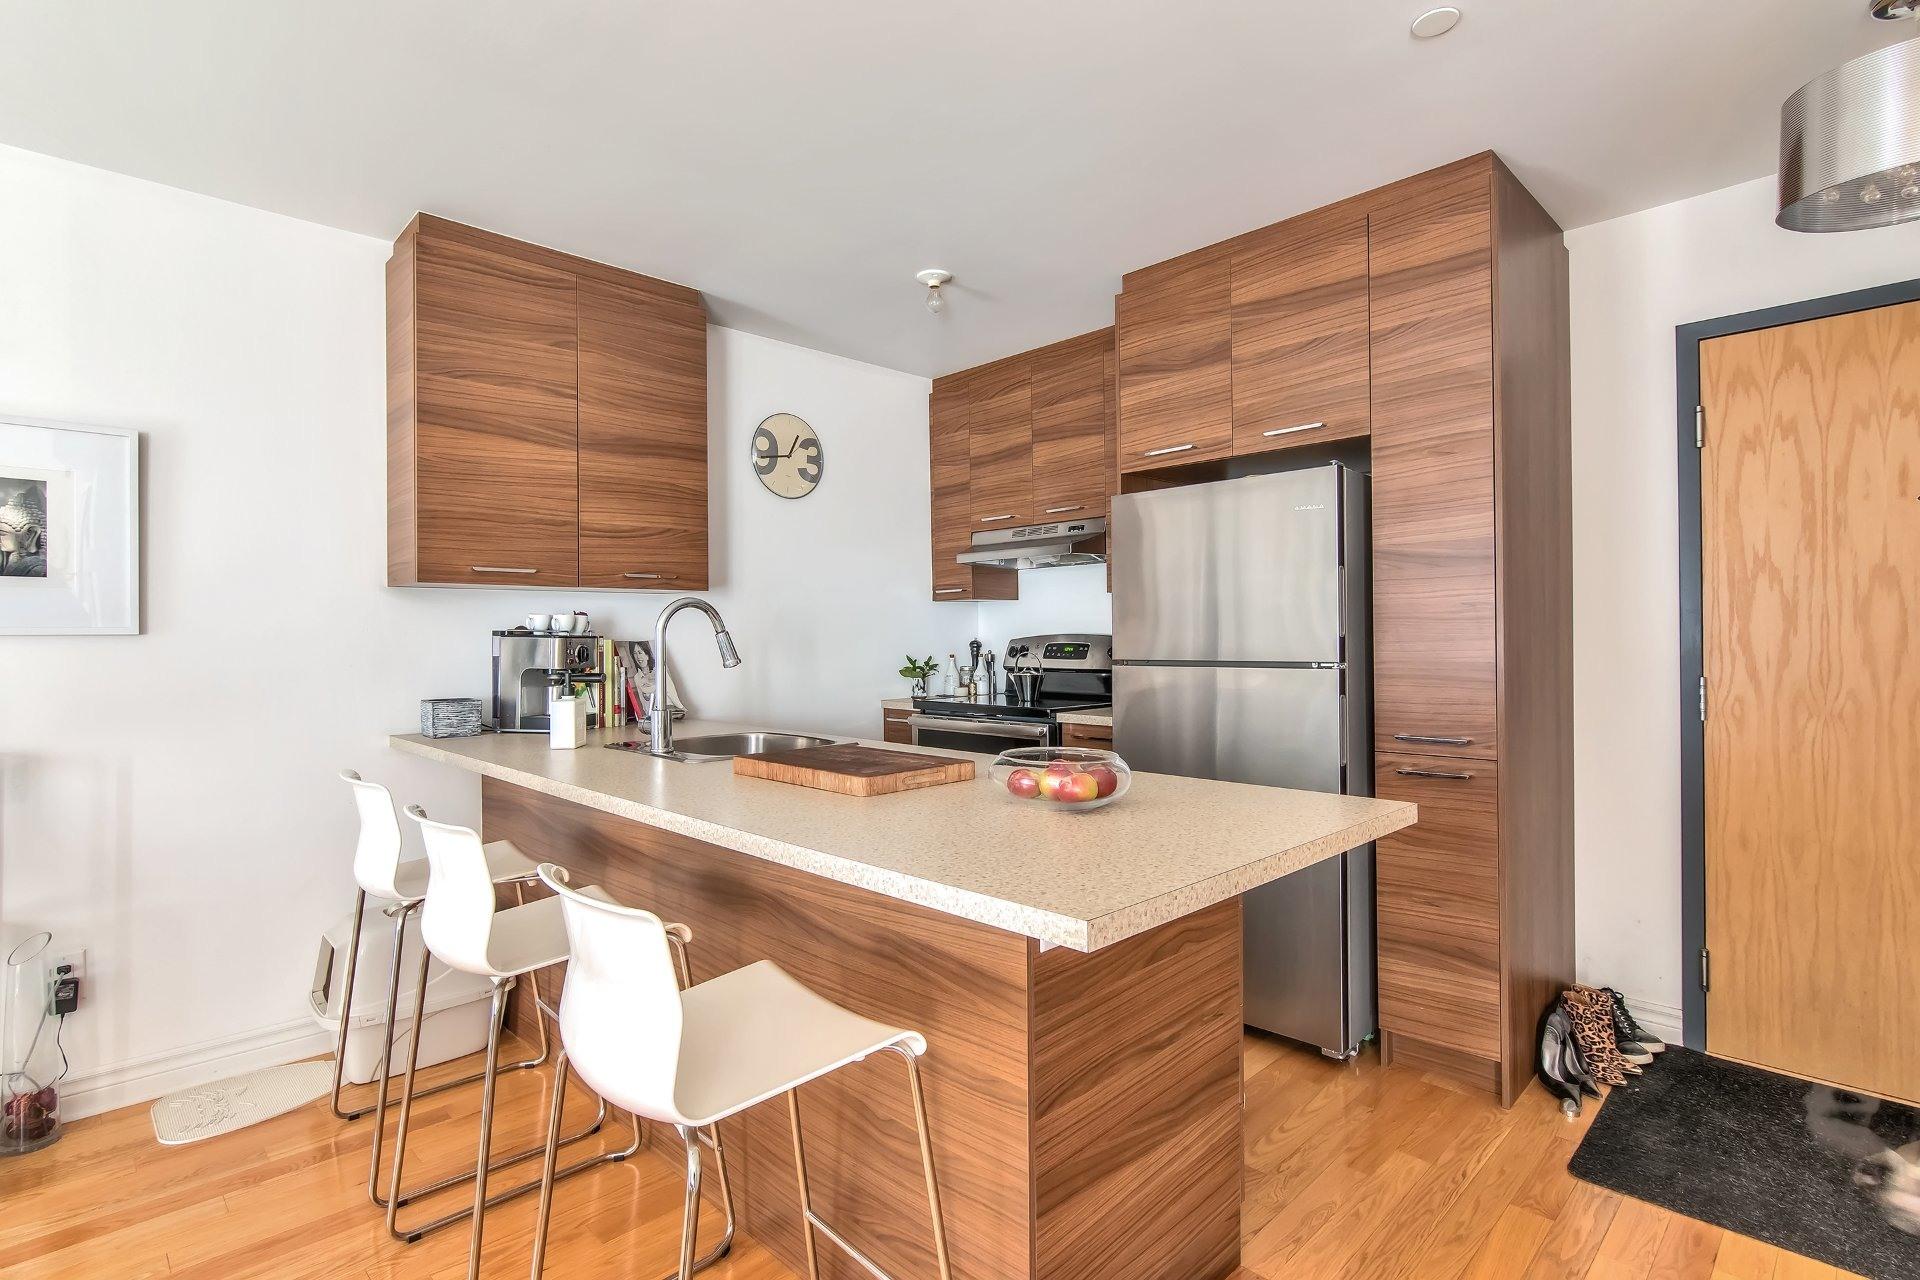 image 14 - Apartment For sale Laval-des-Rapides Laval  - 4 rooms